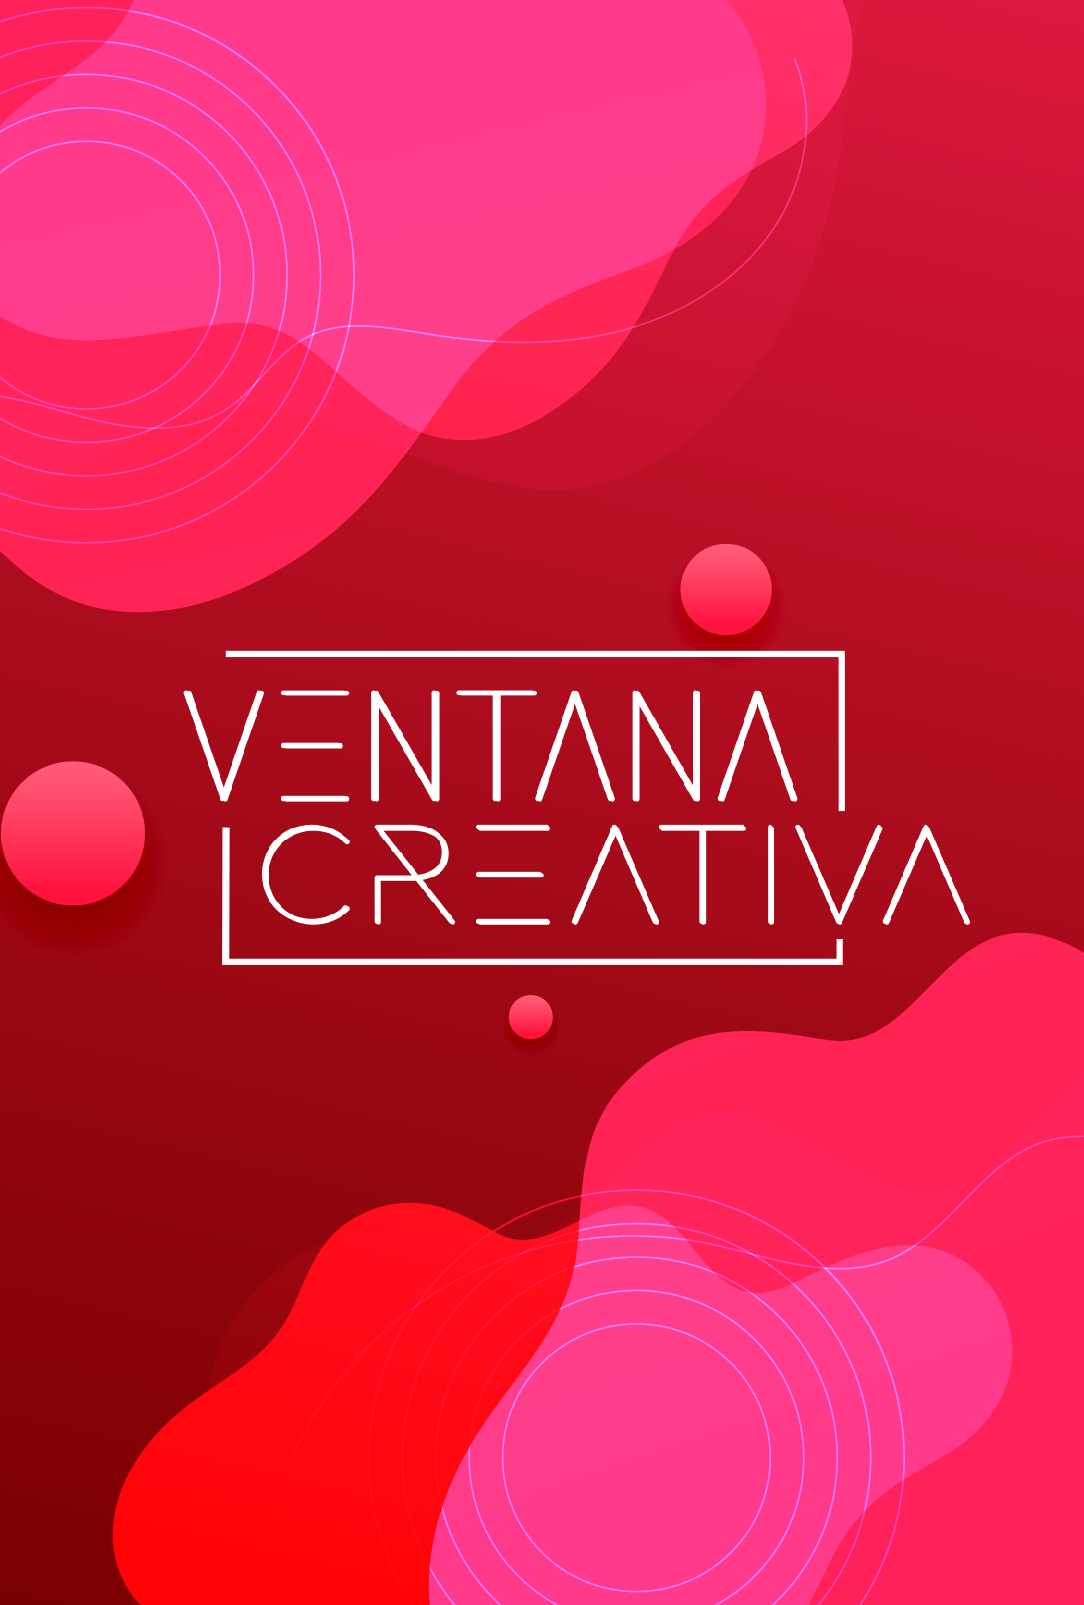 Ventana Creativa